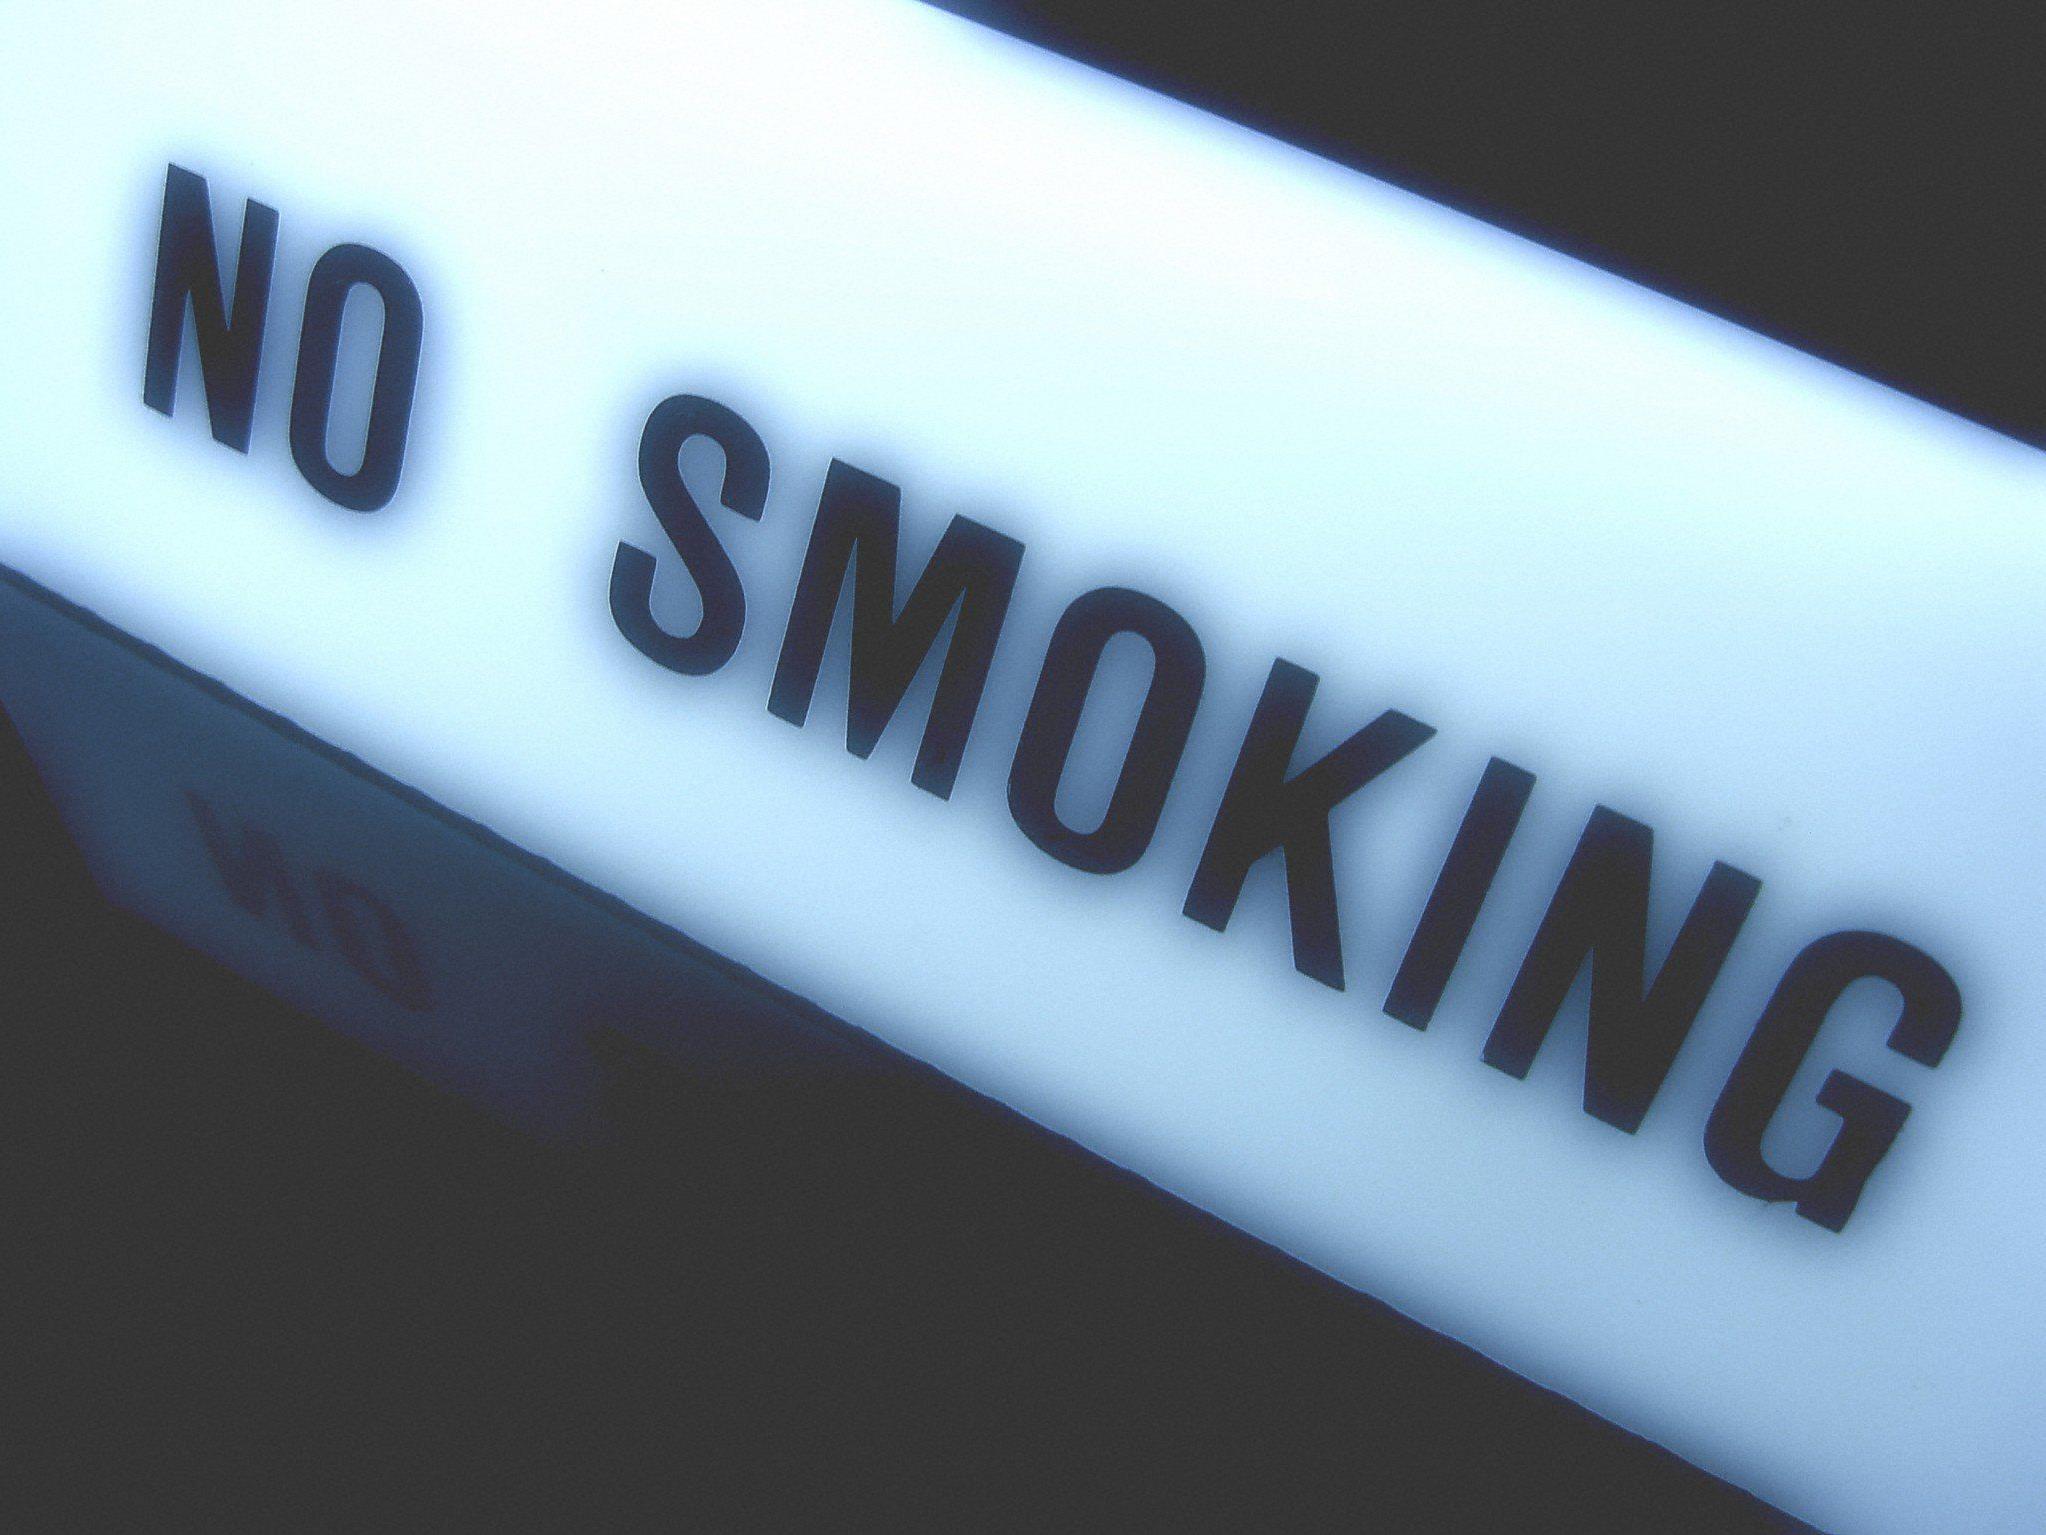 Ein schrittweiser Bann des Rauchens ist vorgesehen.